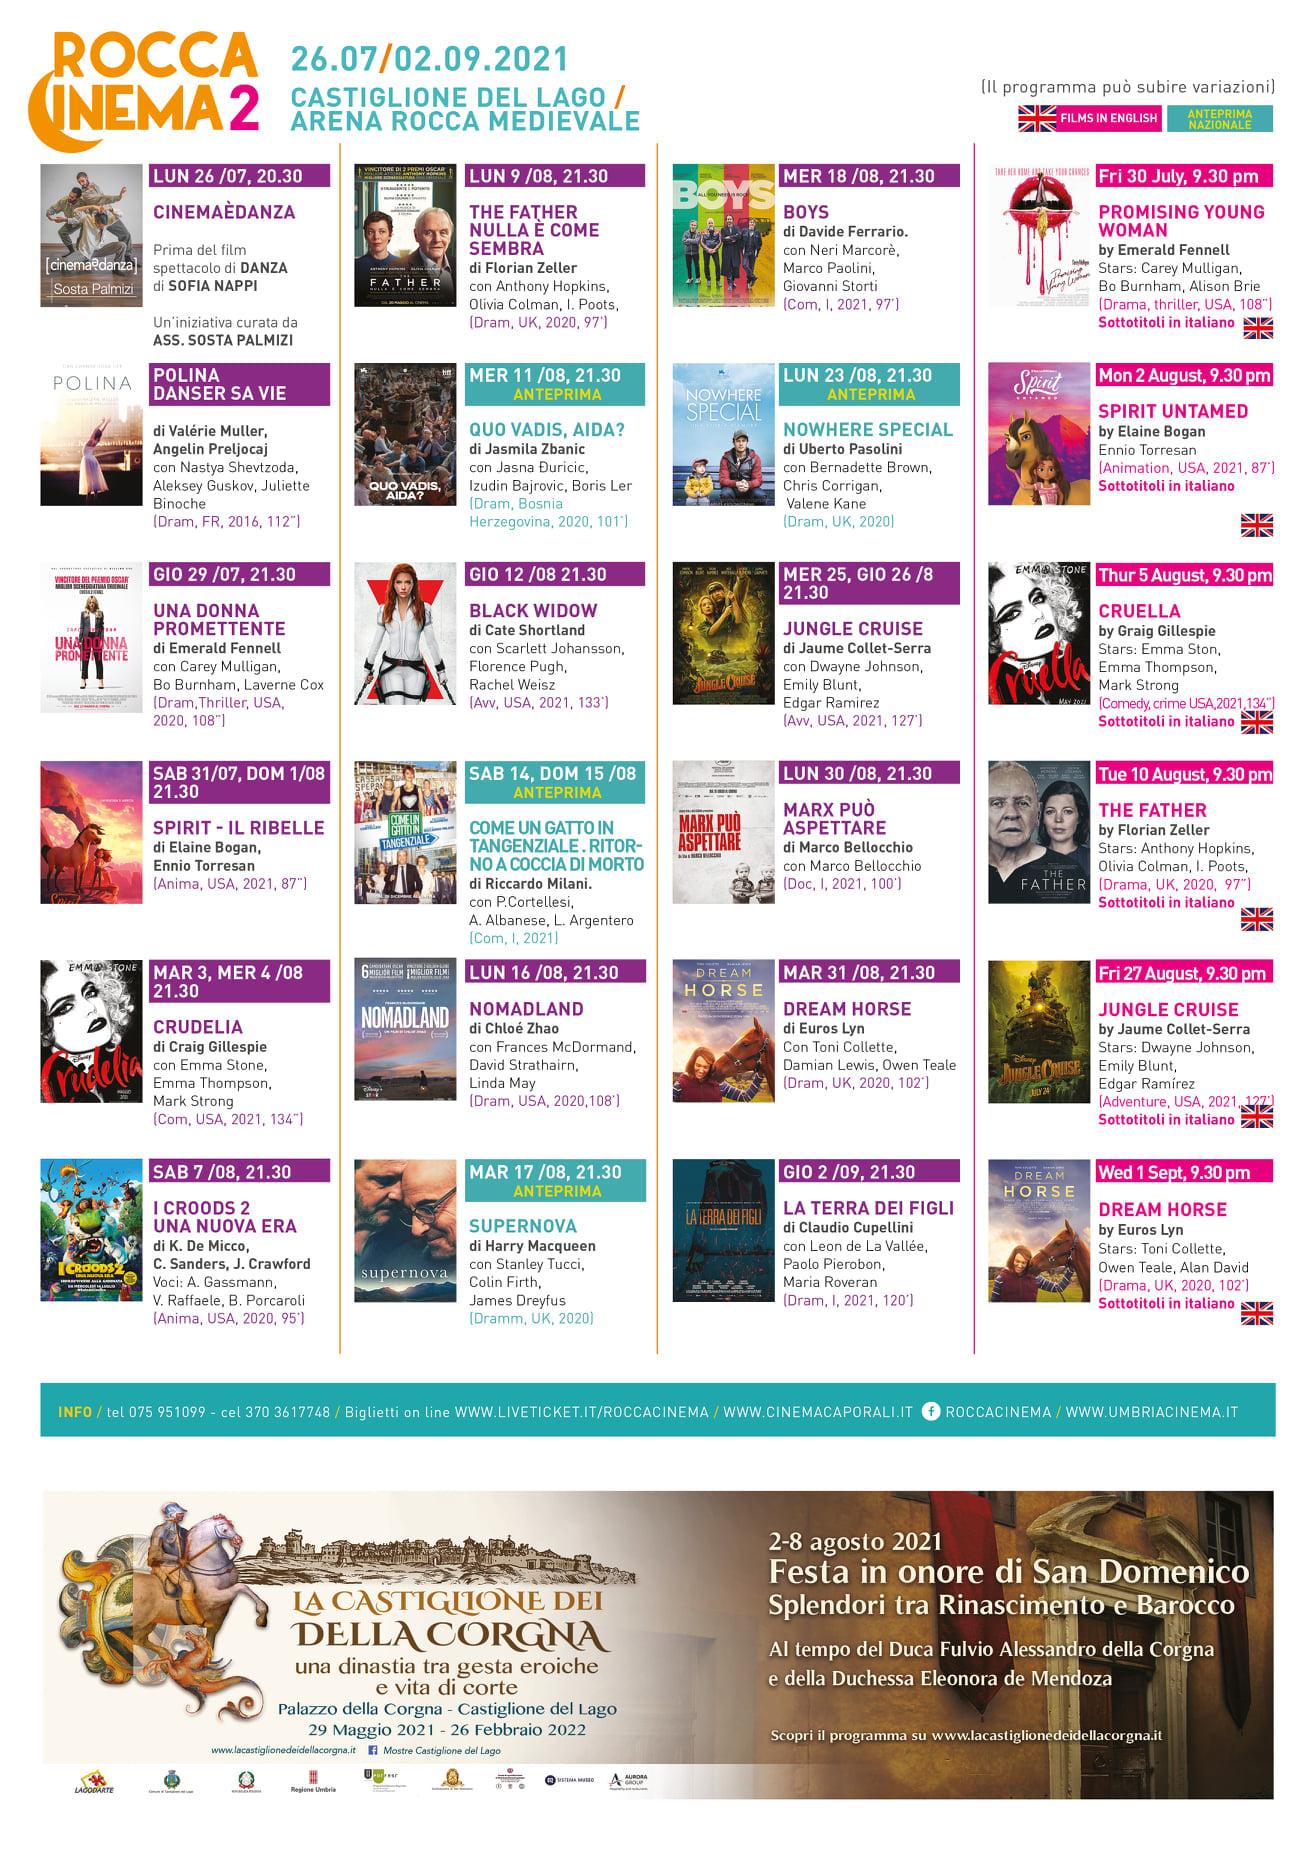 Roccacinema 2021 - dal 26 luglio al 2 settembre